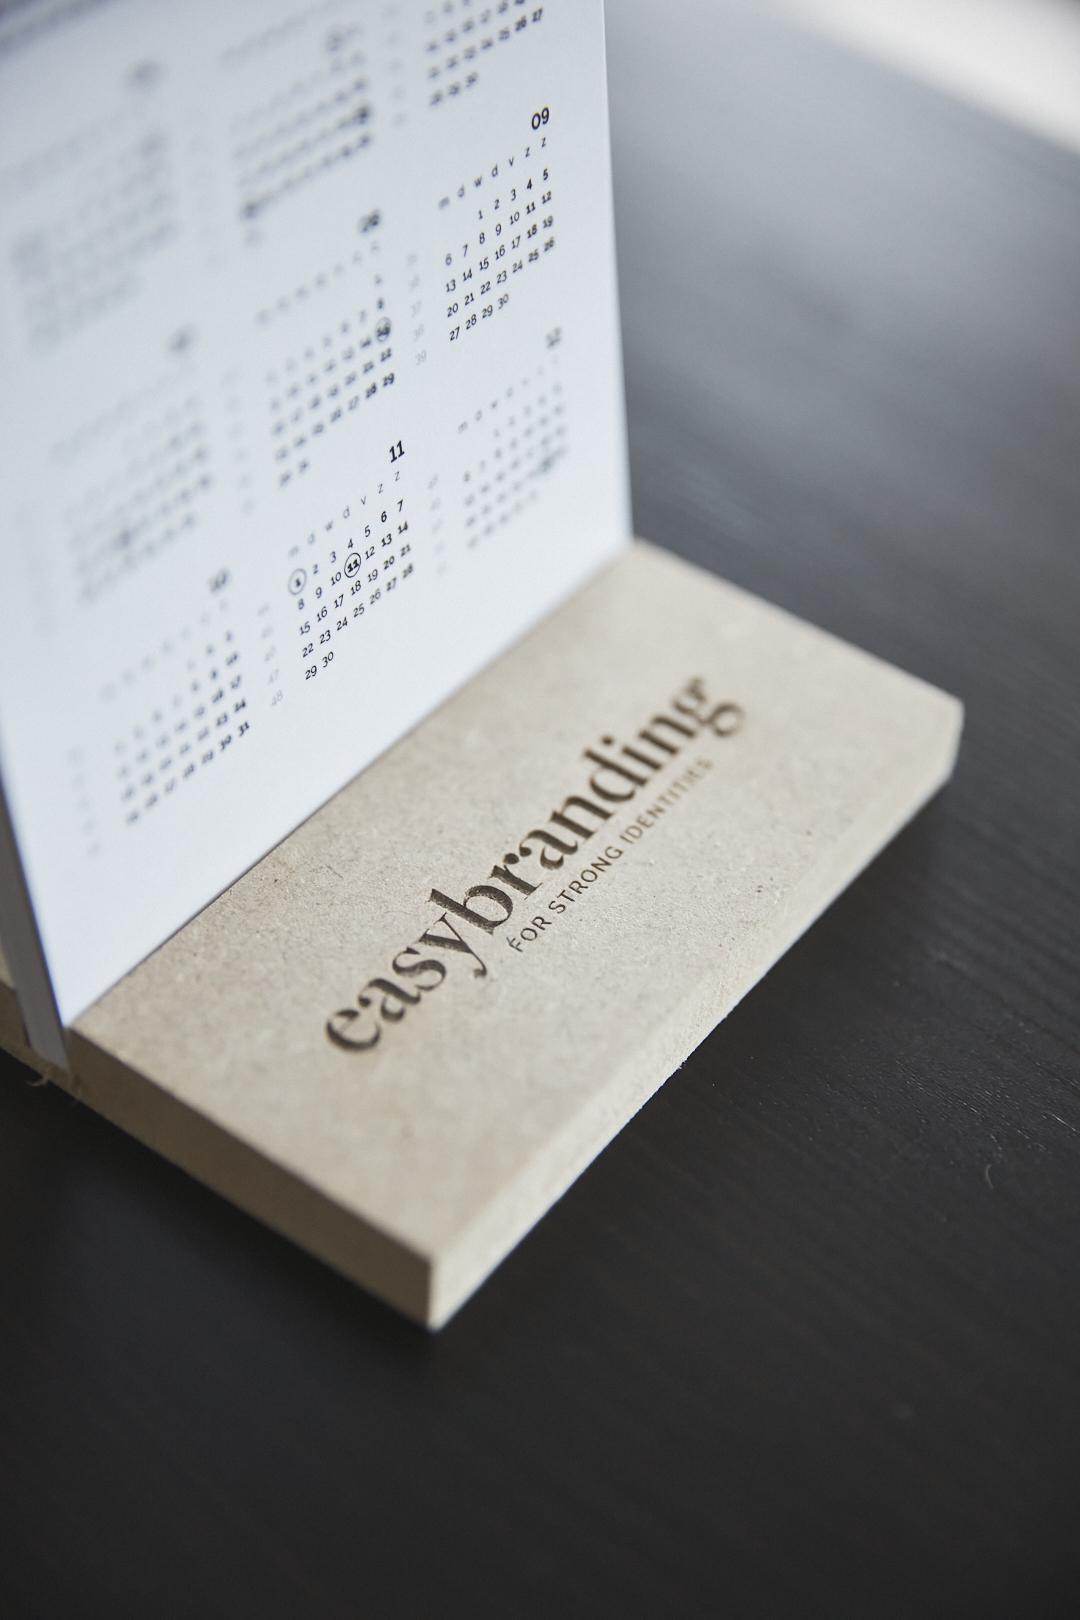 Branding bureau Easybranding uit Kortrijk